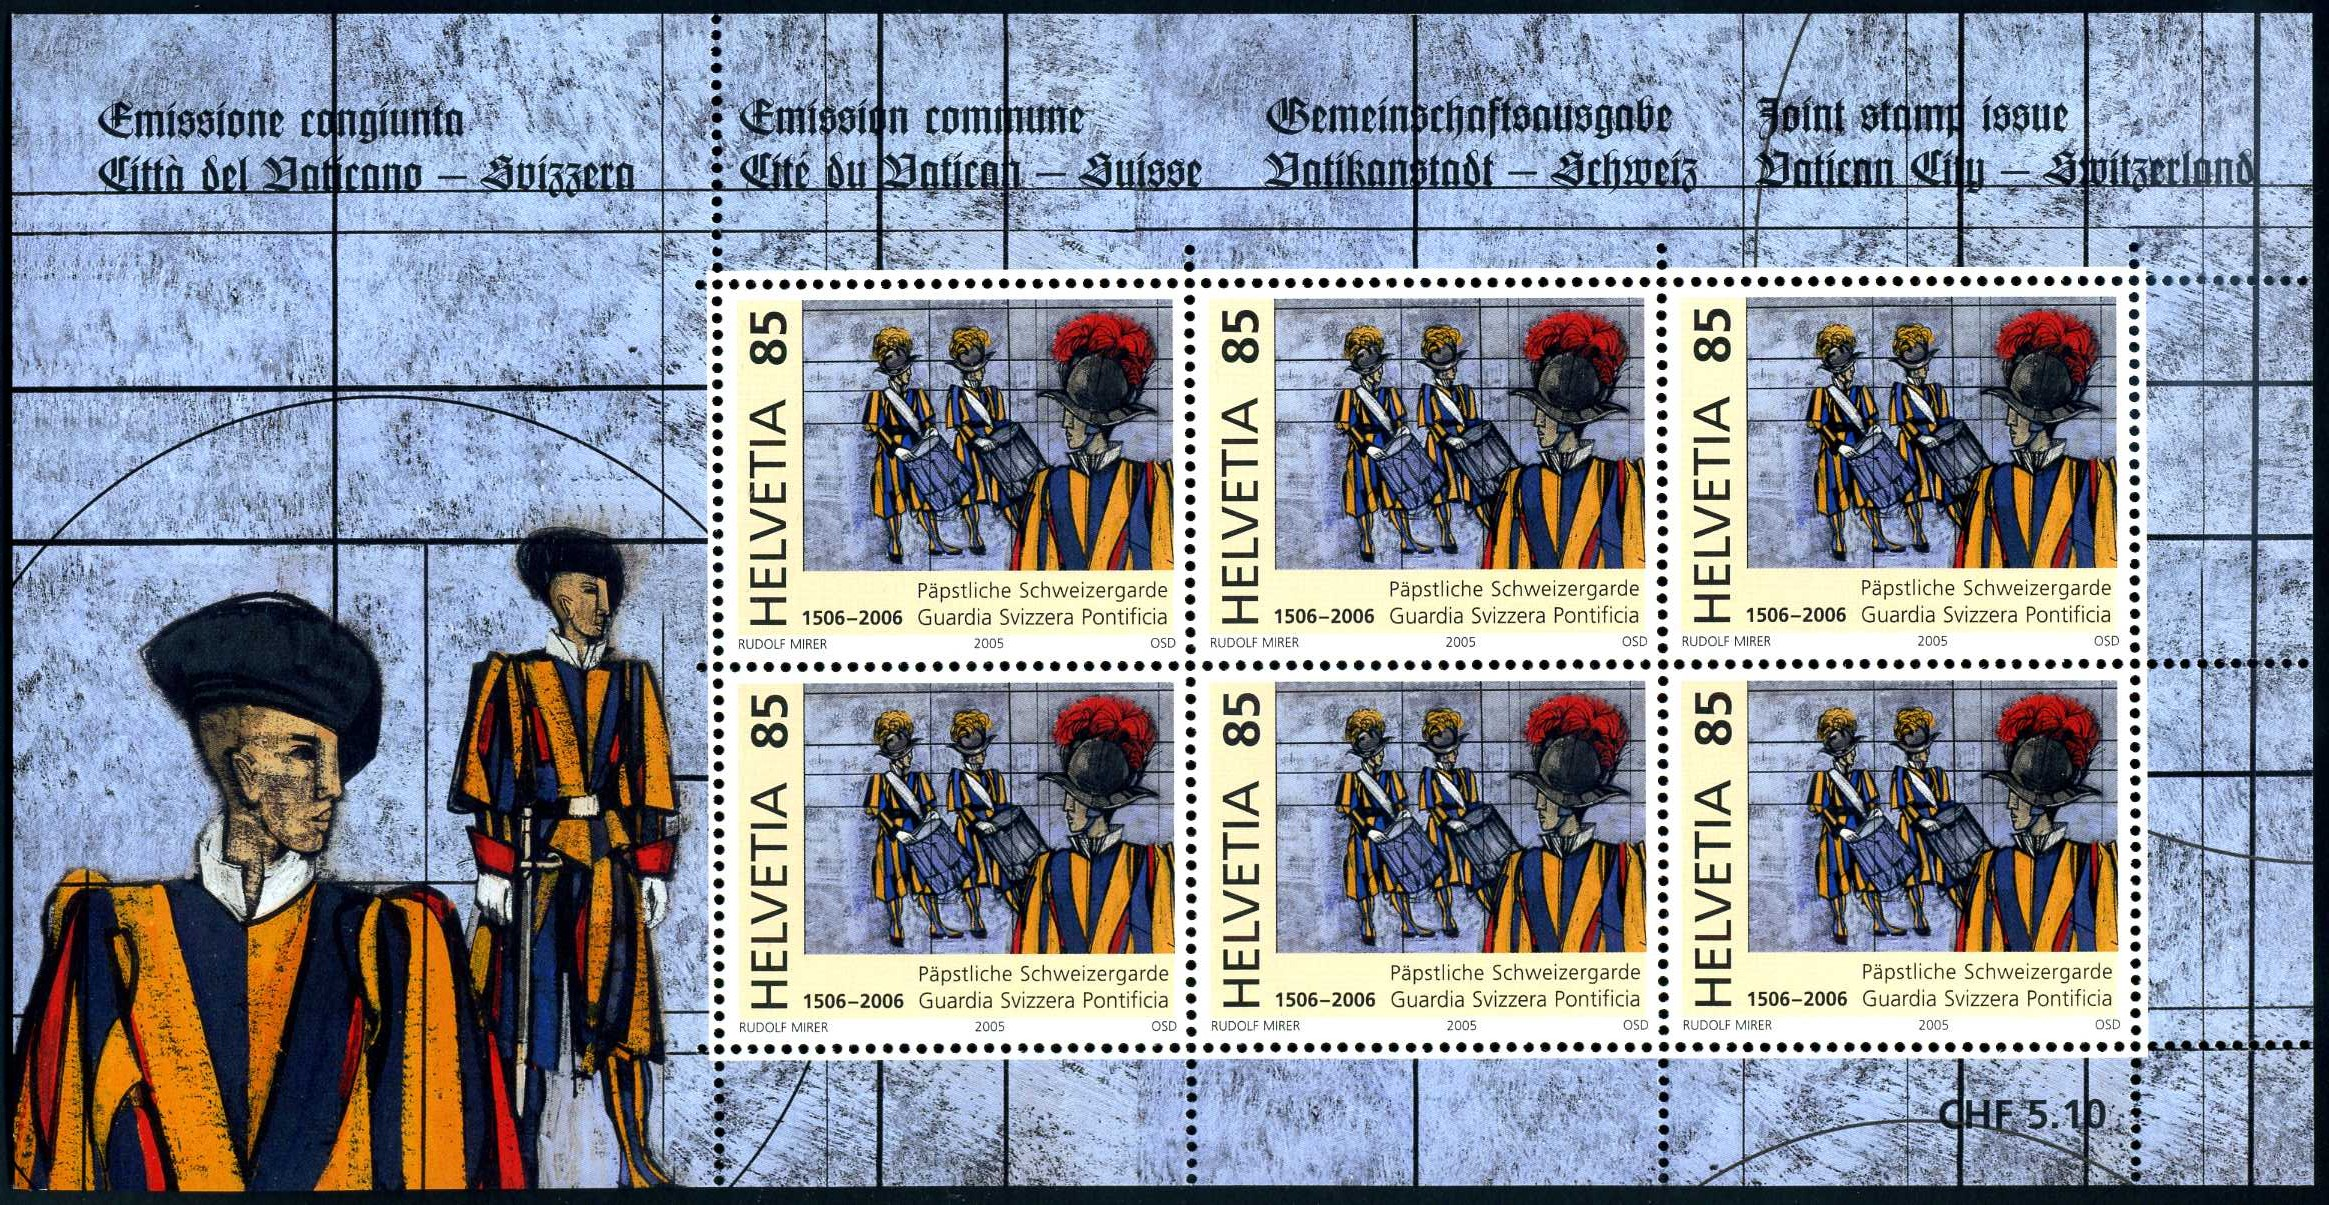 VA 021 2006 Schweizer Garde CH Block 85.jpg